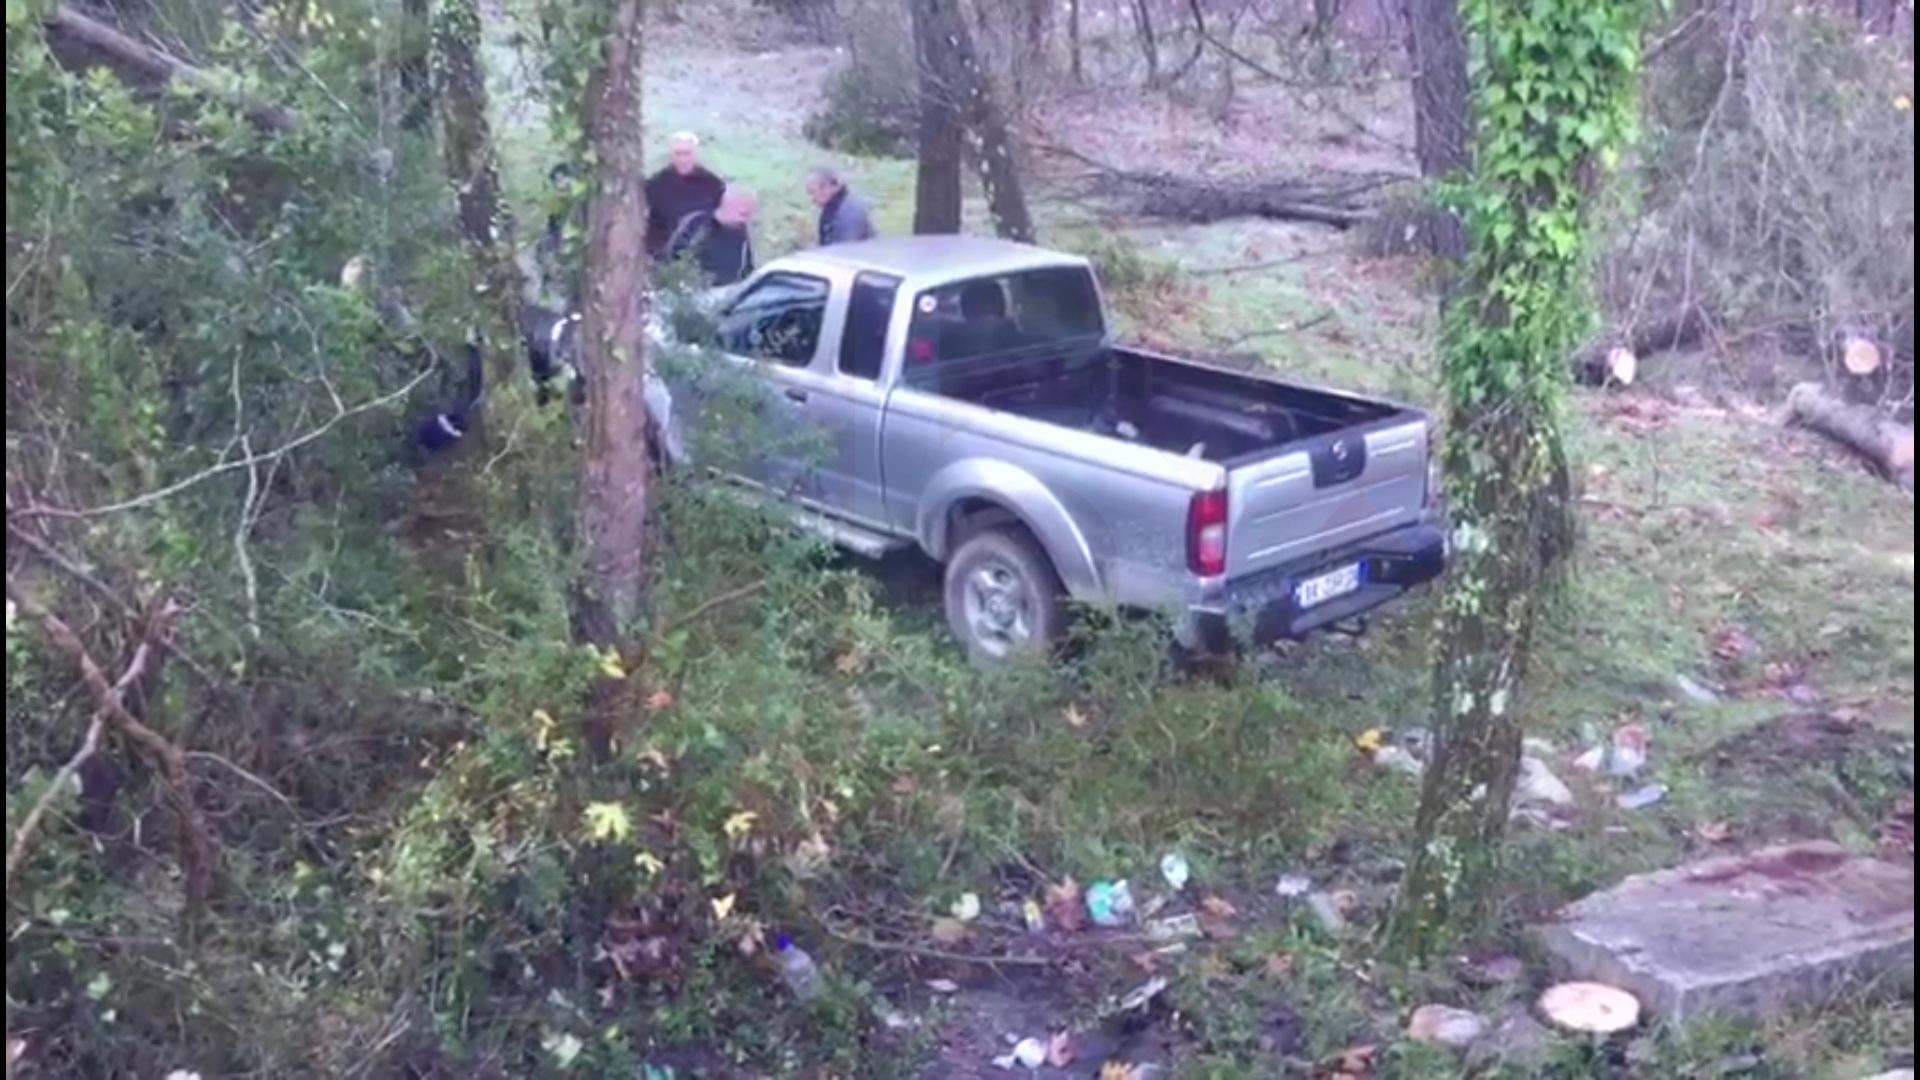 Makina del nga rruga për shkak të ngricave, një i plagosur